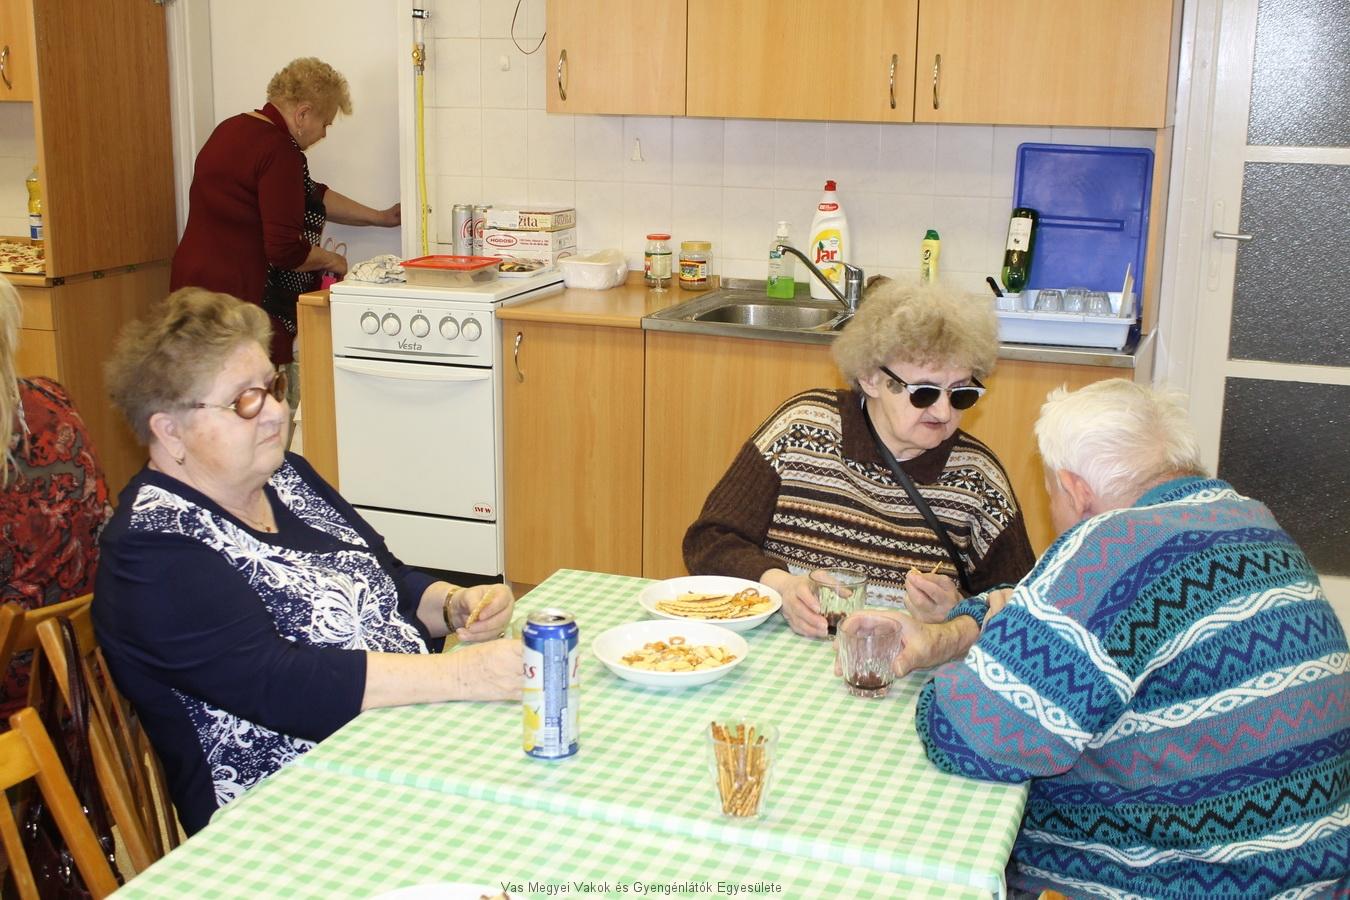 Feketéné Terike, Béla és Irénke ülnek az asztalnál, beszélgetnek és nasit esznek. A háttérben Nagyné Marika megy be a raktárba